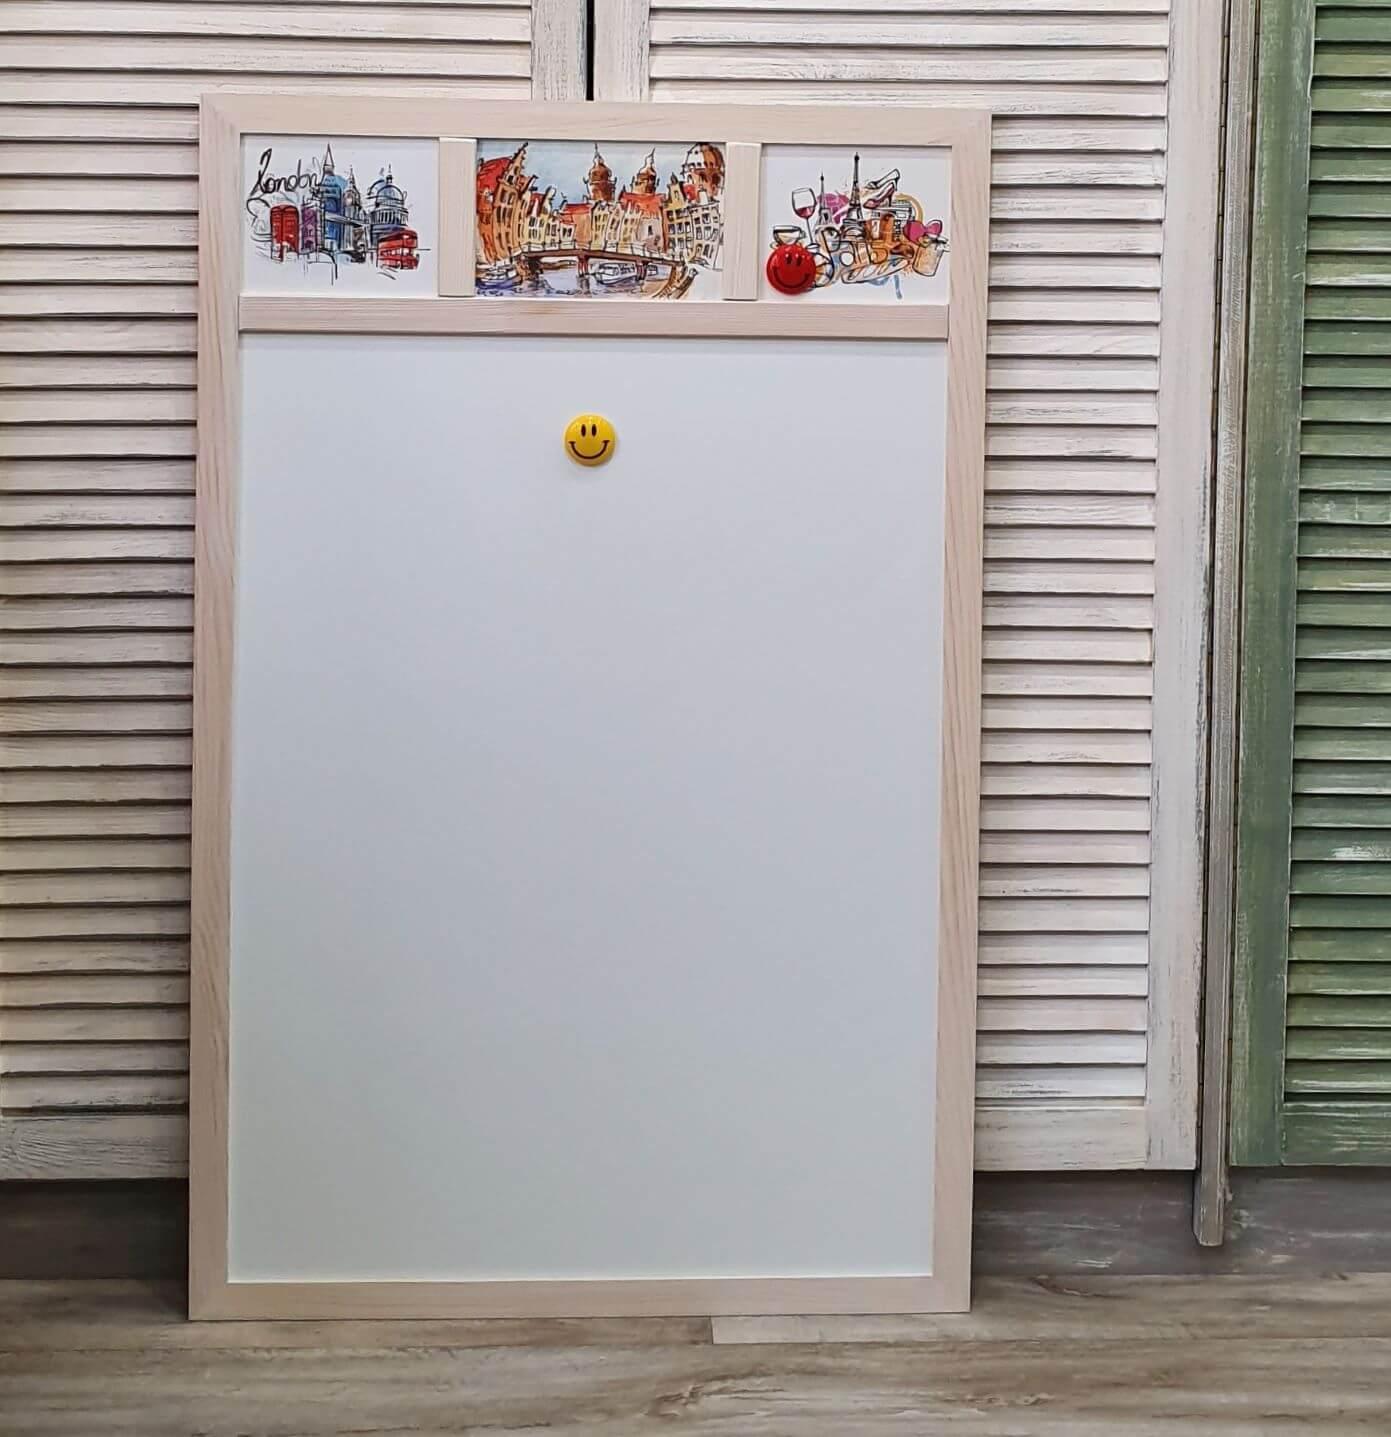 Магнитная белая доска для магнитиков с картинами городов Лондон, Париж, Амстердам, 65х95см, 5900р.